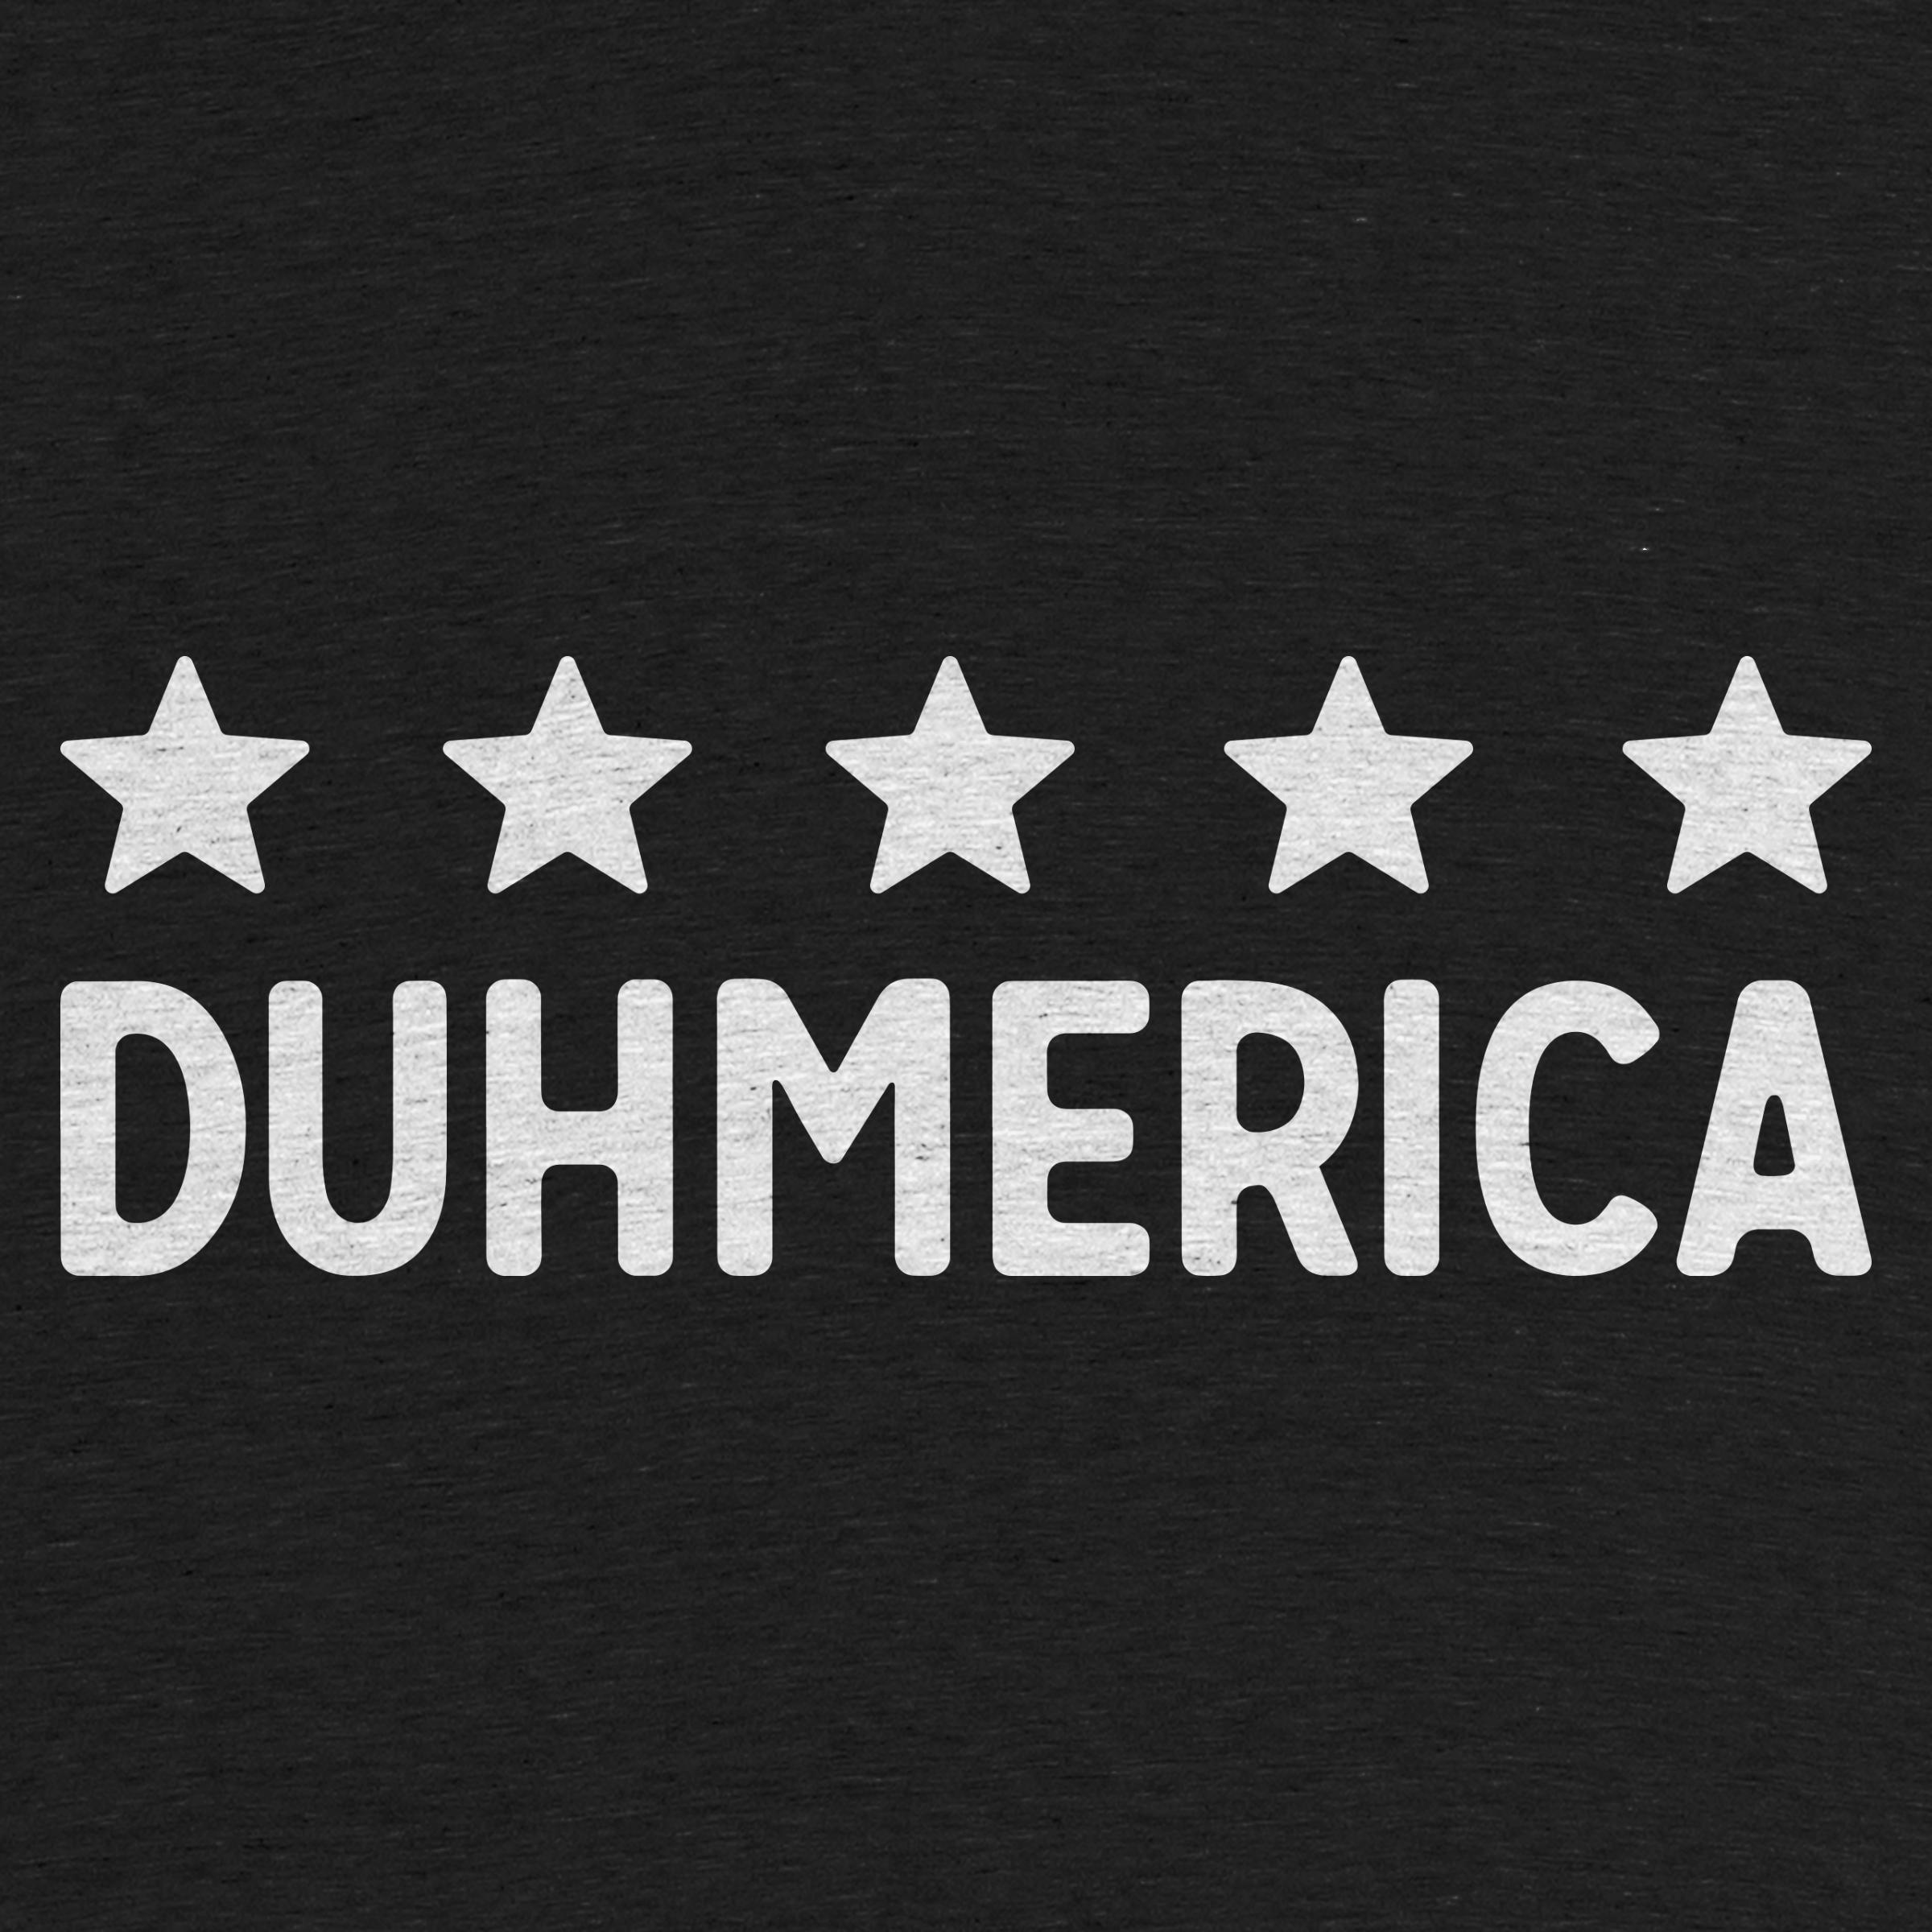 Duhmerica